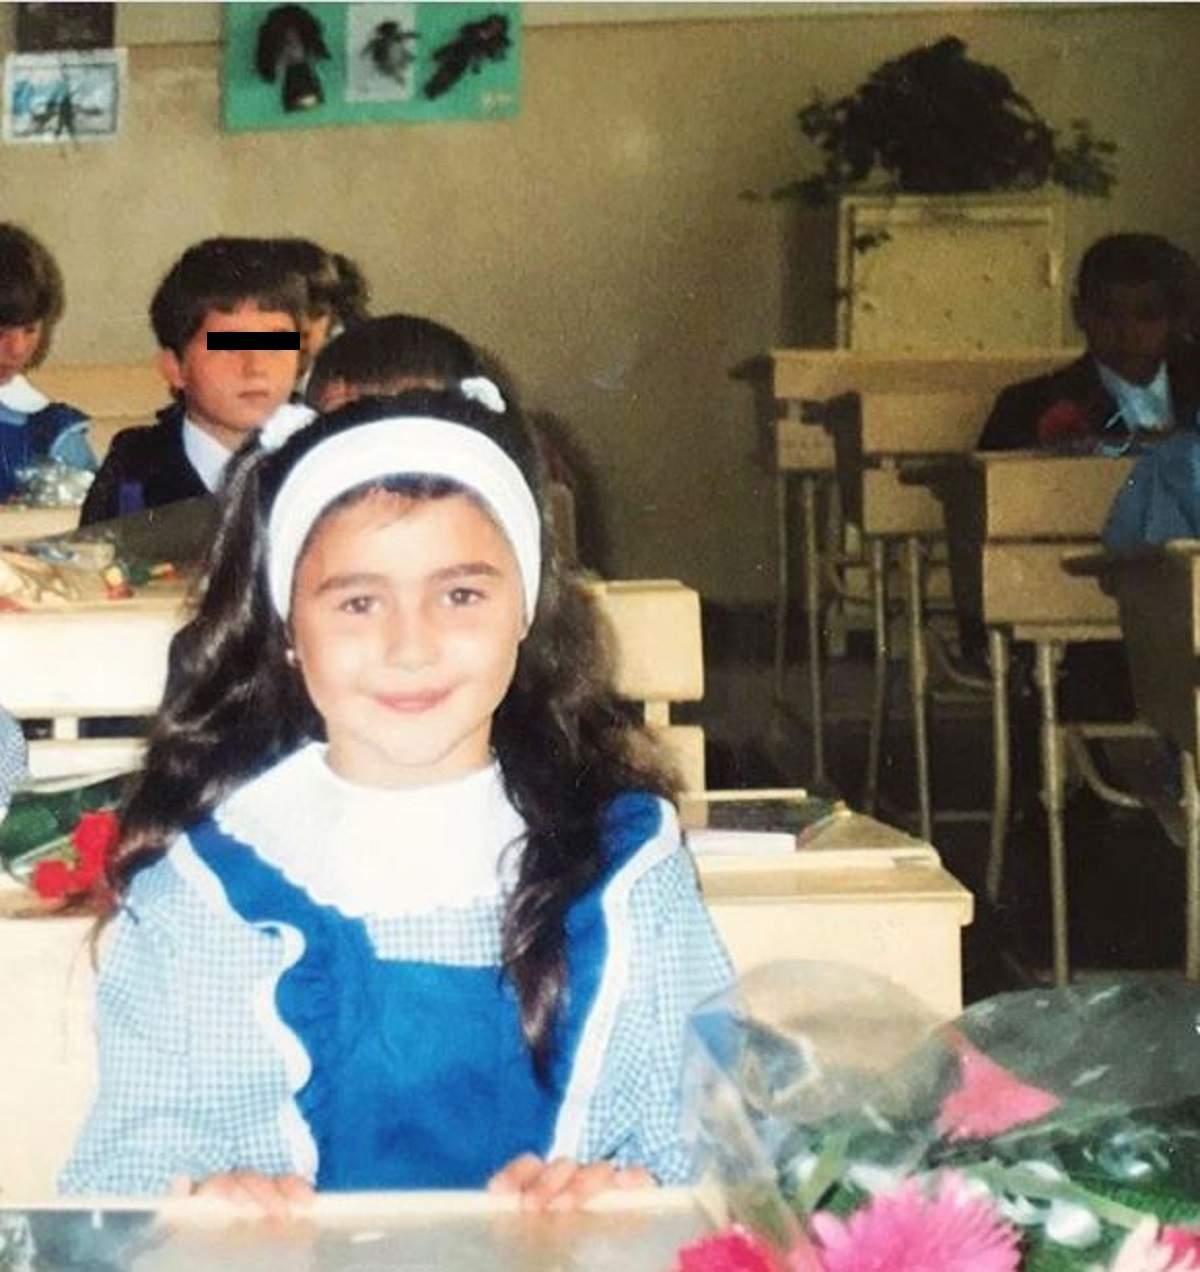 Alina Eremia în prima sa zi de școală, în uniforma de elev